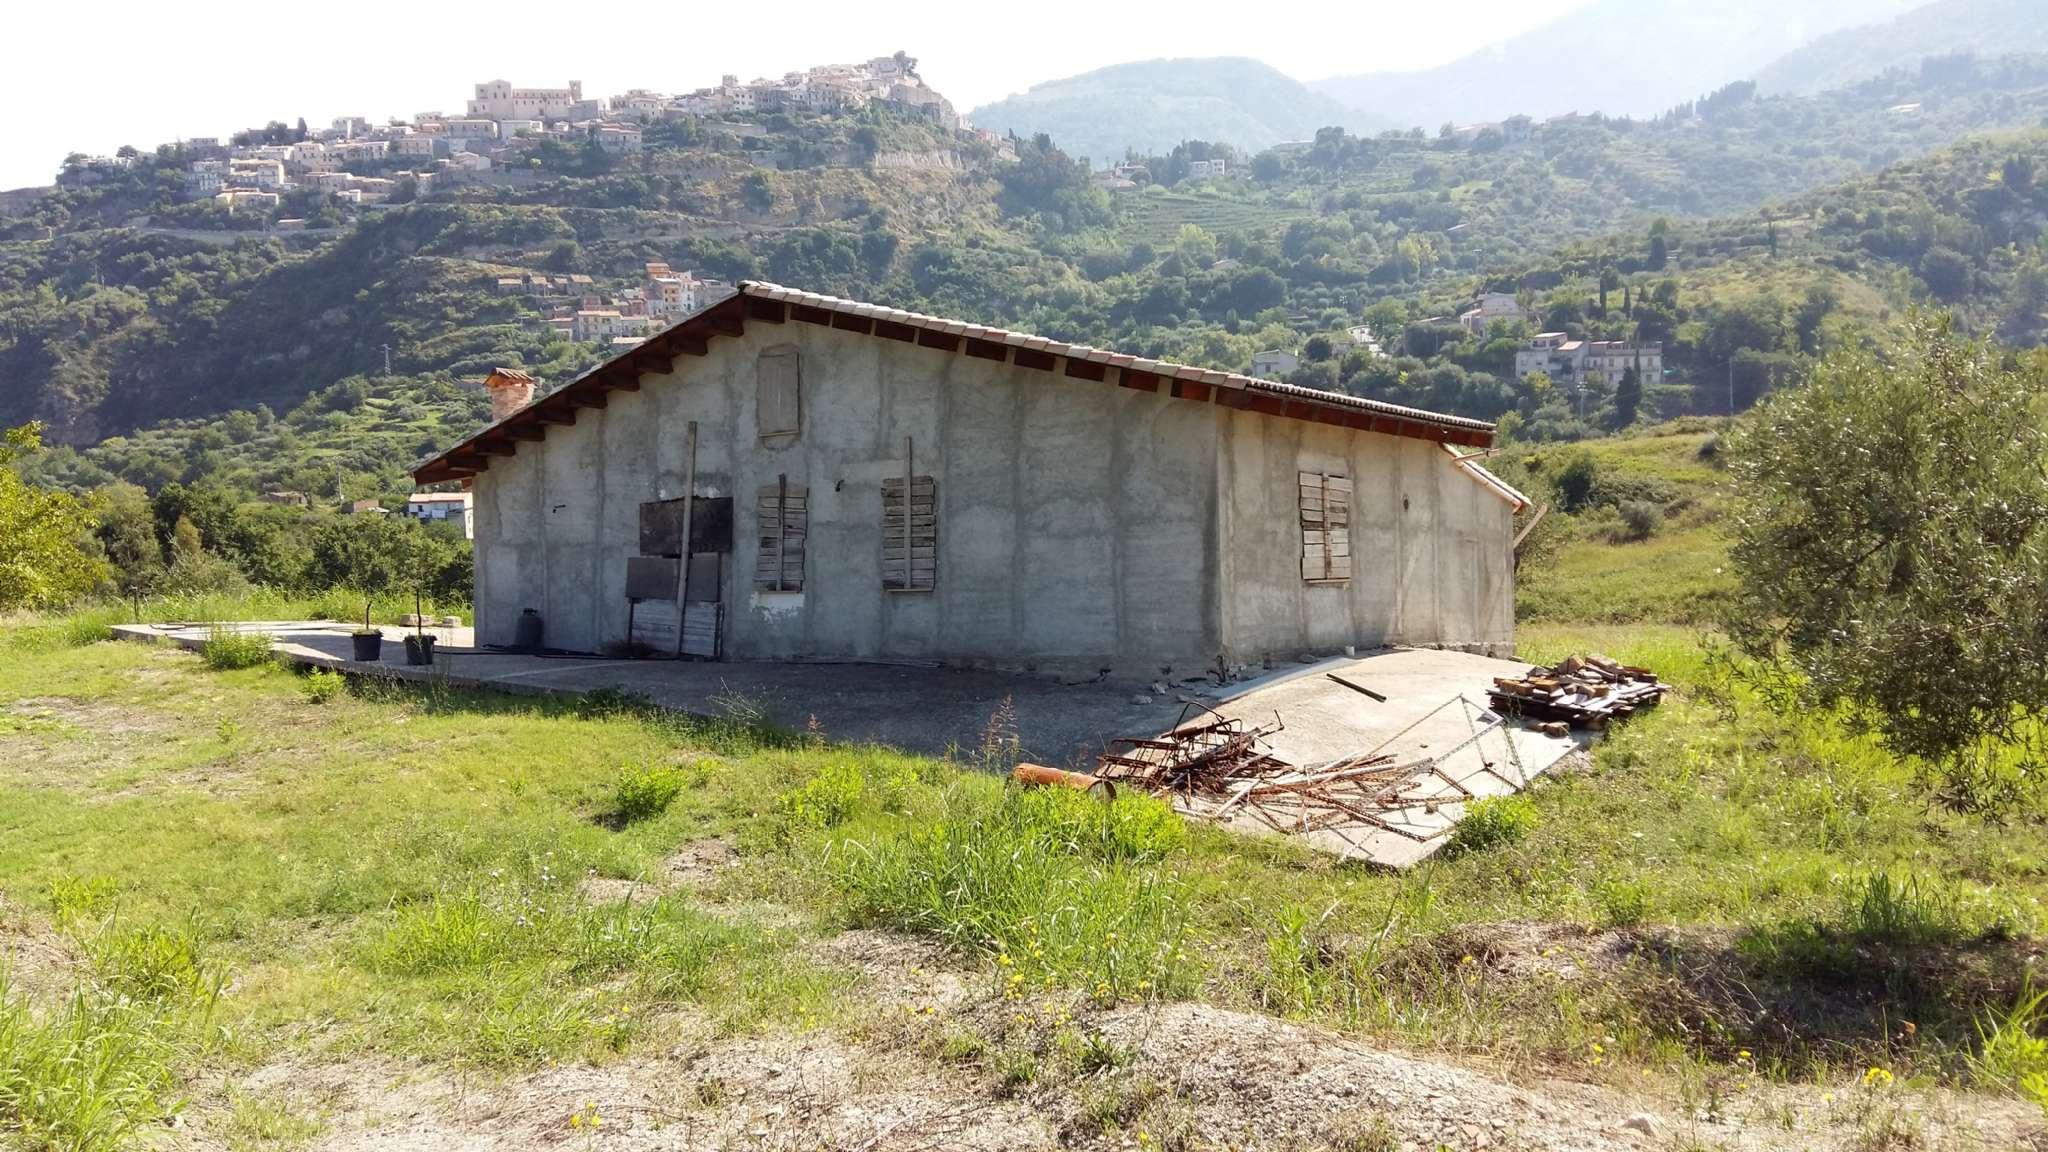 Villa in vendita a Castroreale, 3 locali, prezzo € 80.000 | CambioCasa.it